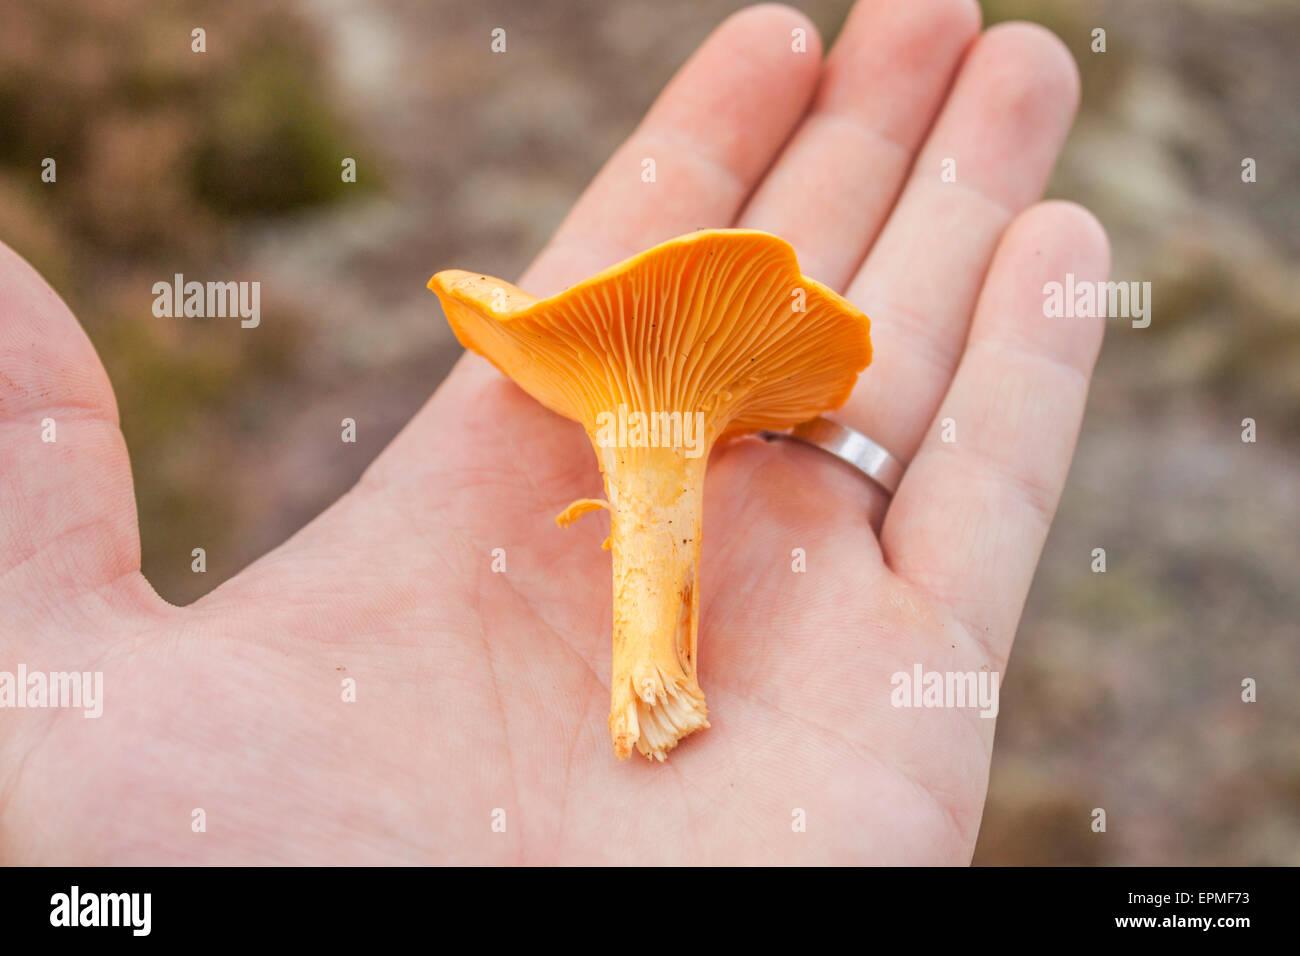 Chantarelle mano en los seres humanos, en el forrest Imagen De Stock